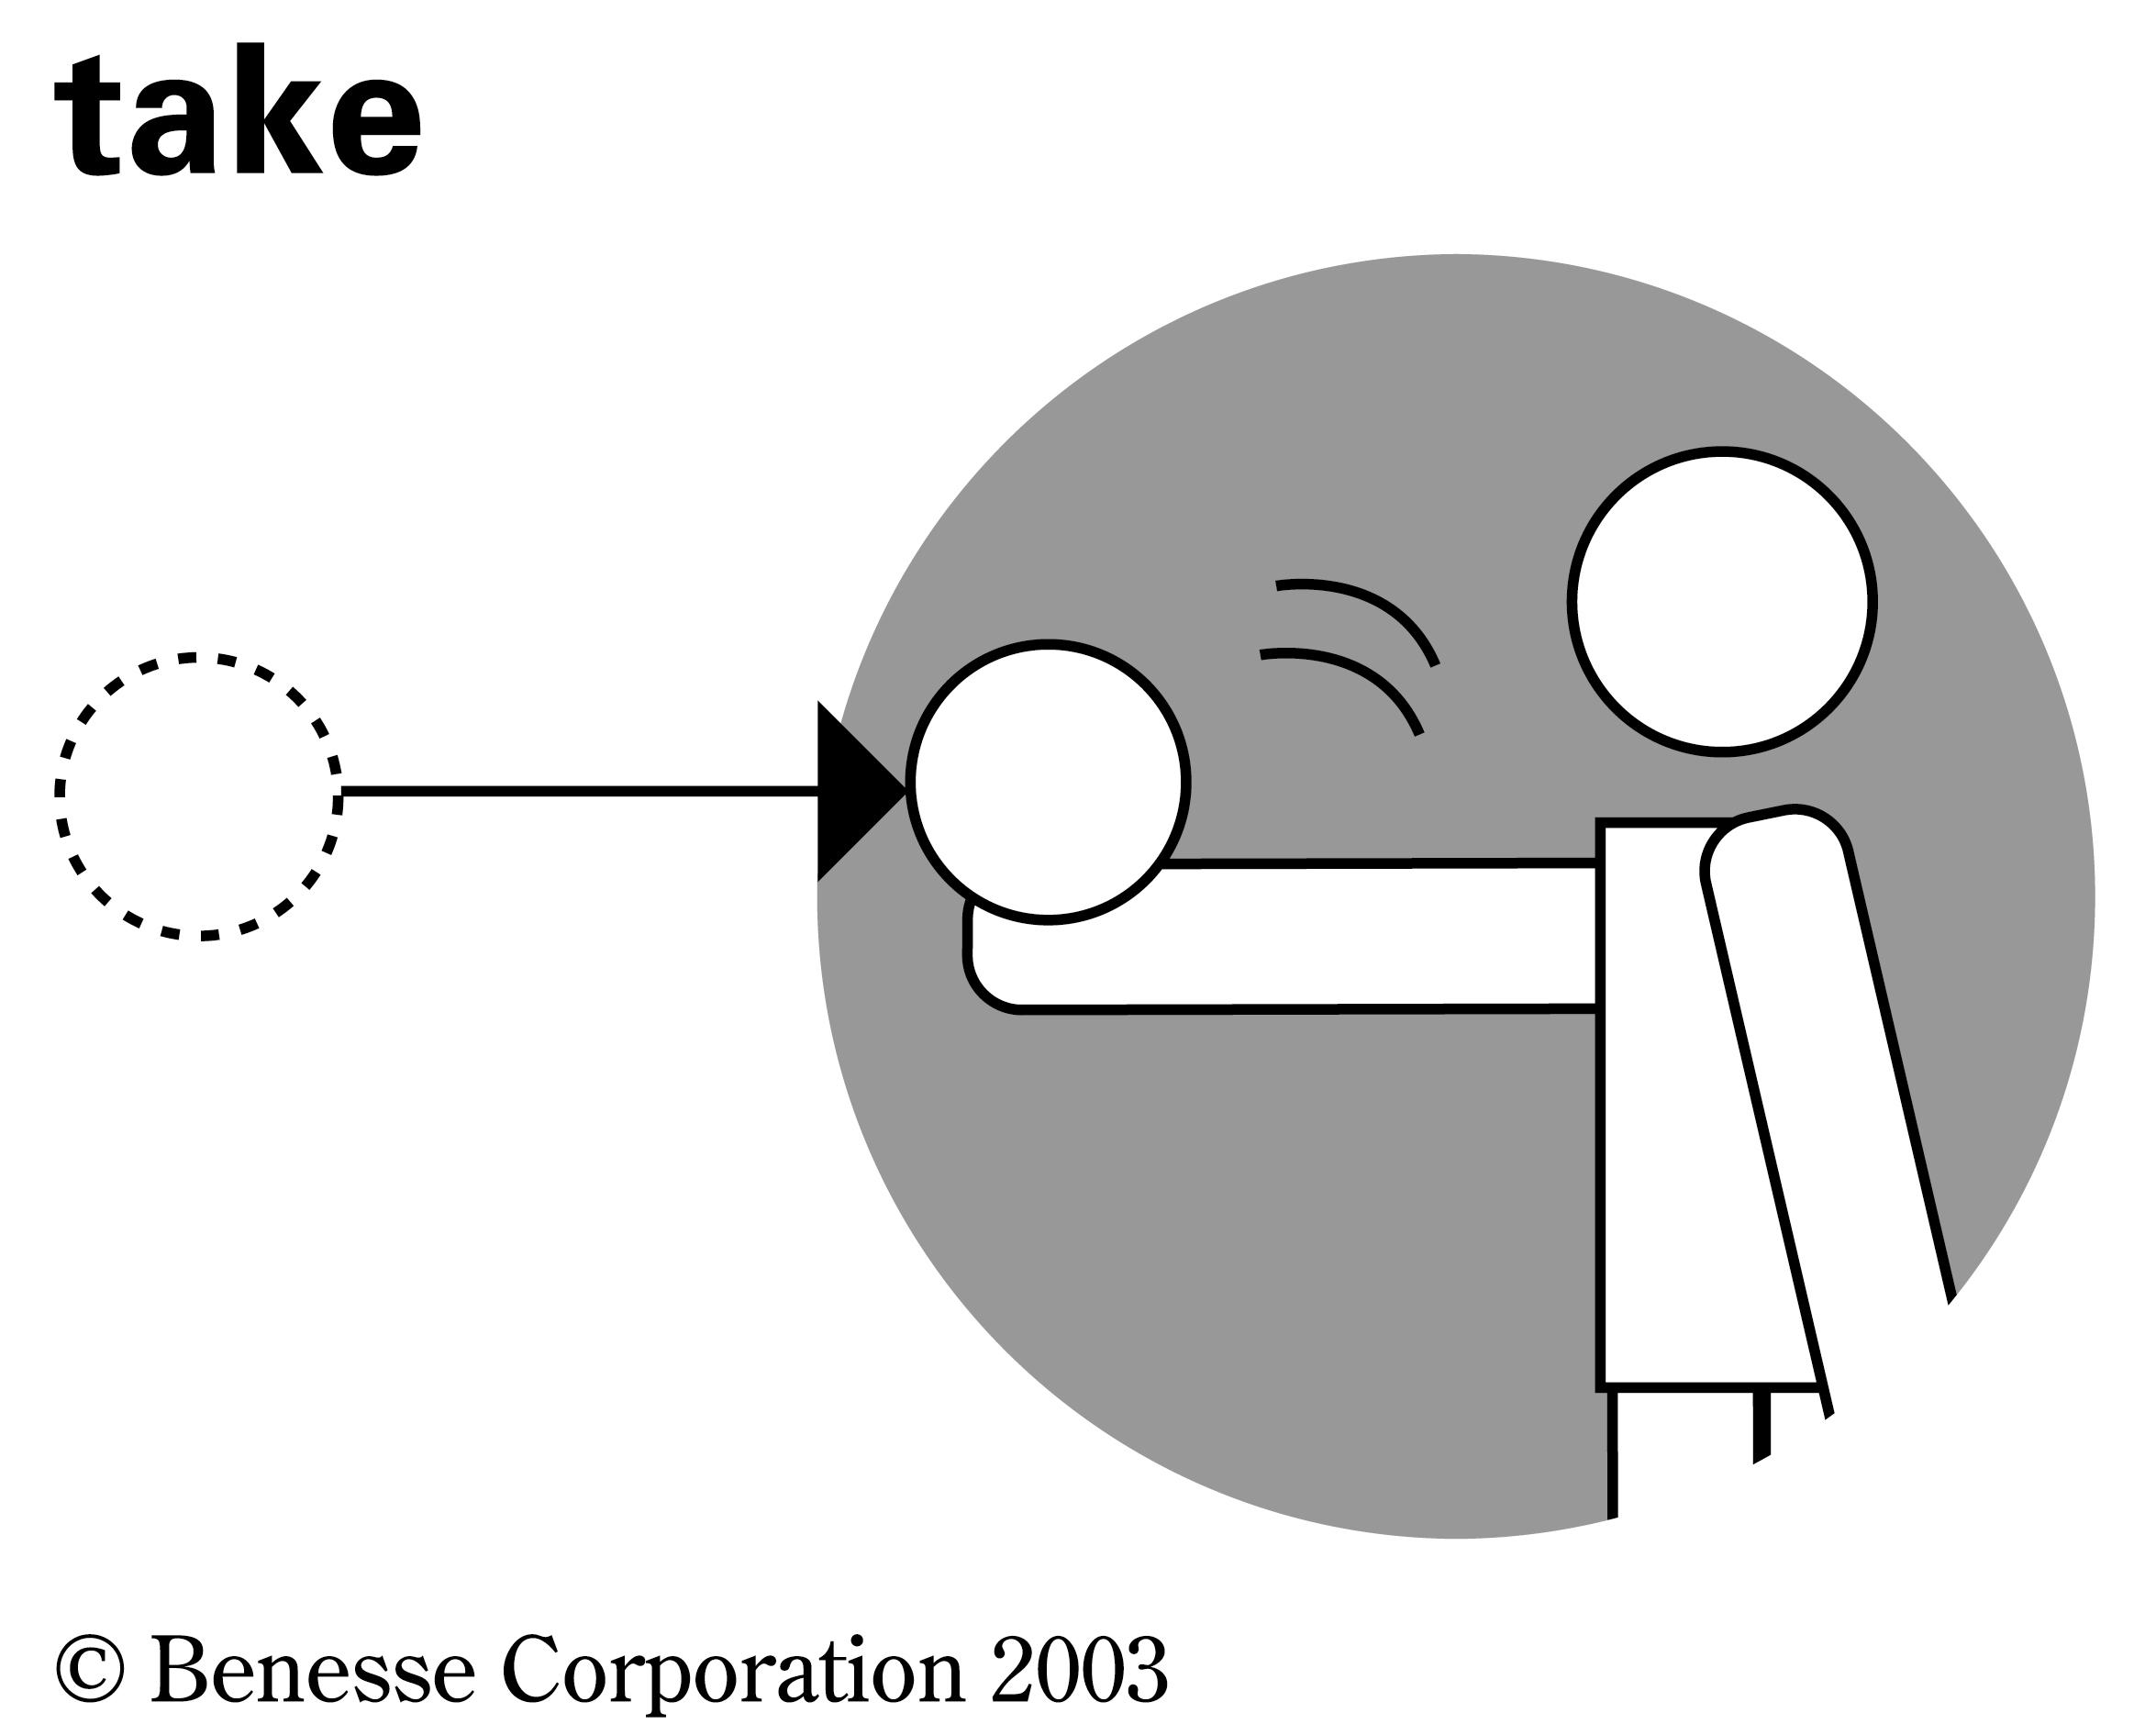 take01.jpg